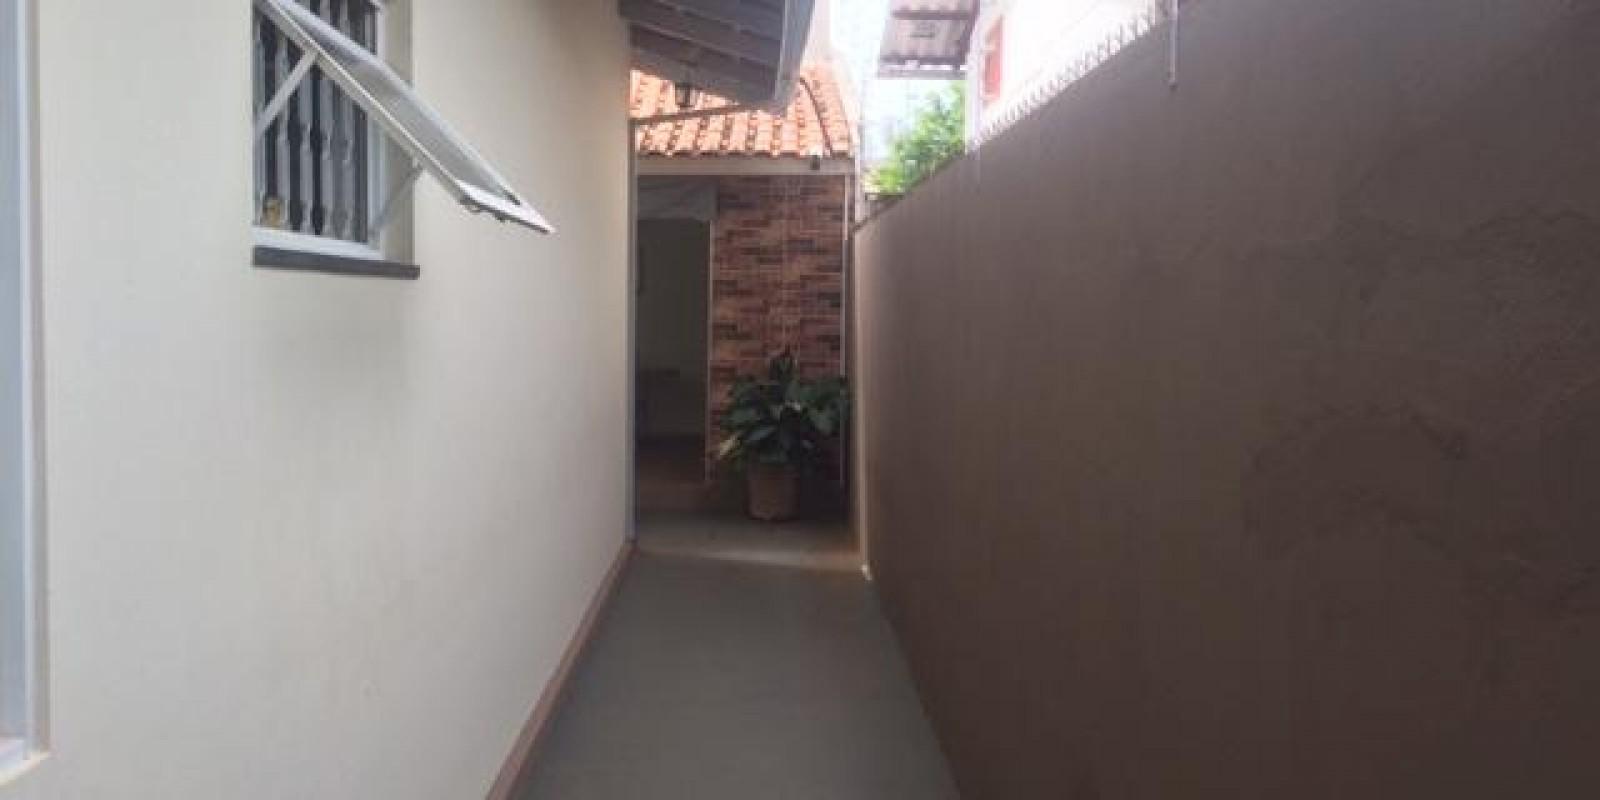 Casa no Bairro Brabancia em Avaré SP - Foto 19 de 20